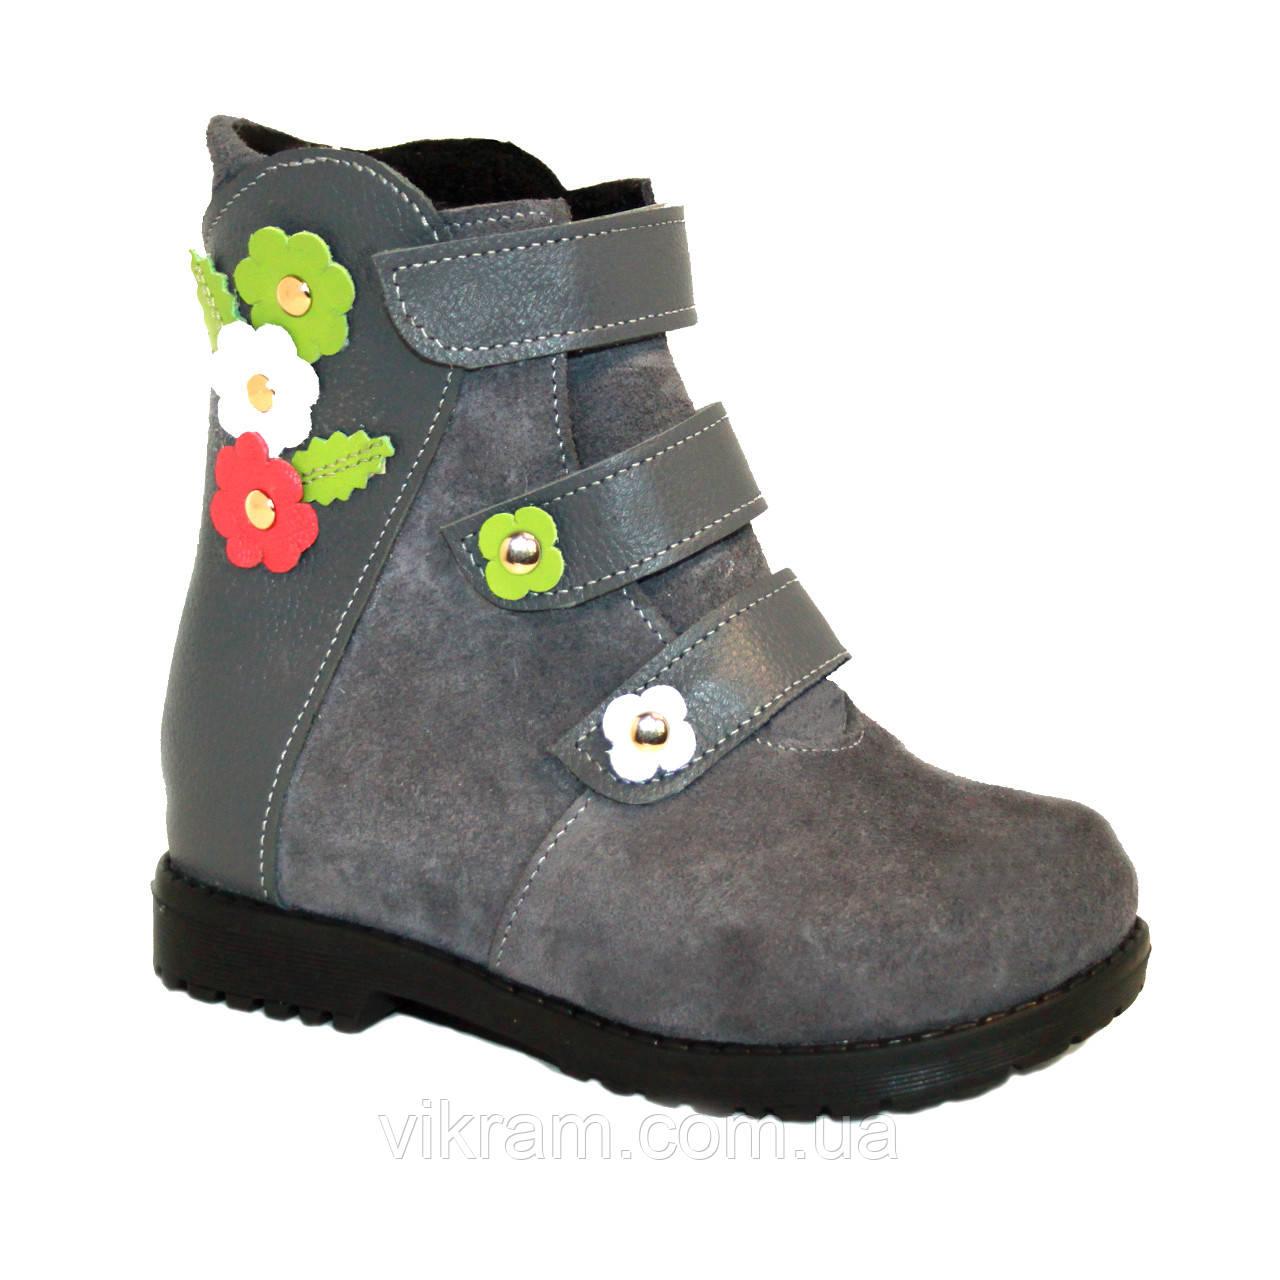 Ортопедичні демісезонні черевики Іграшка сірі з квіточками